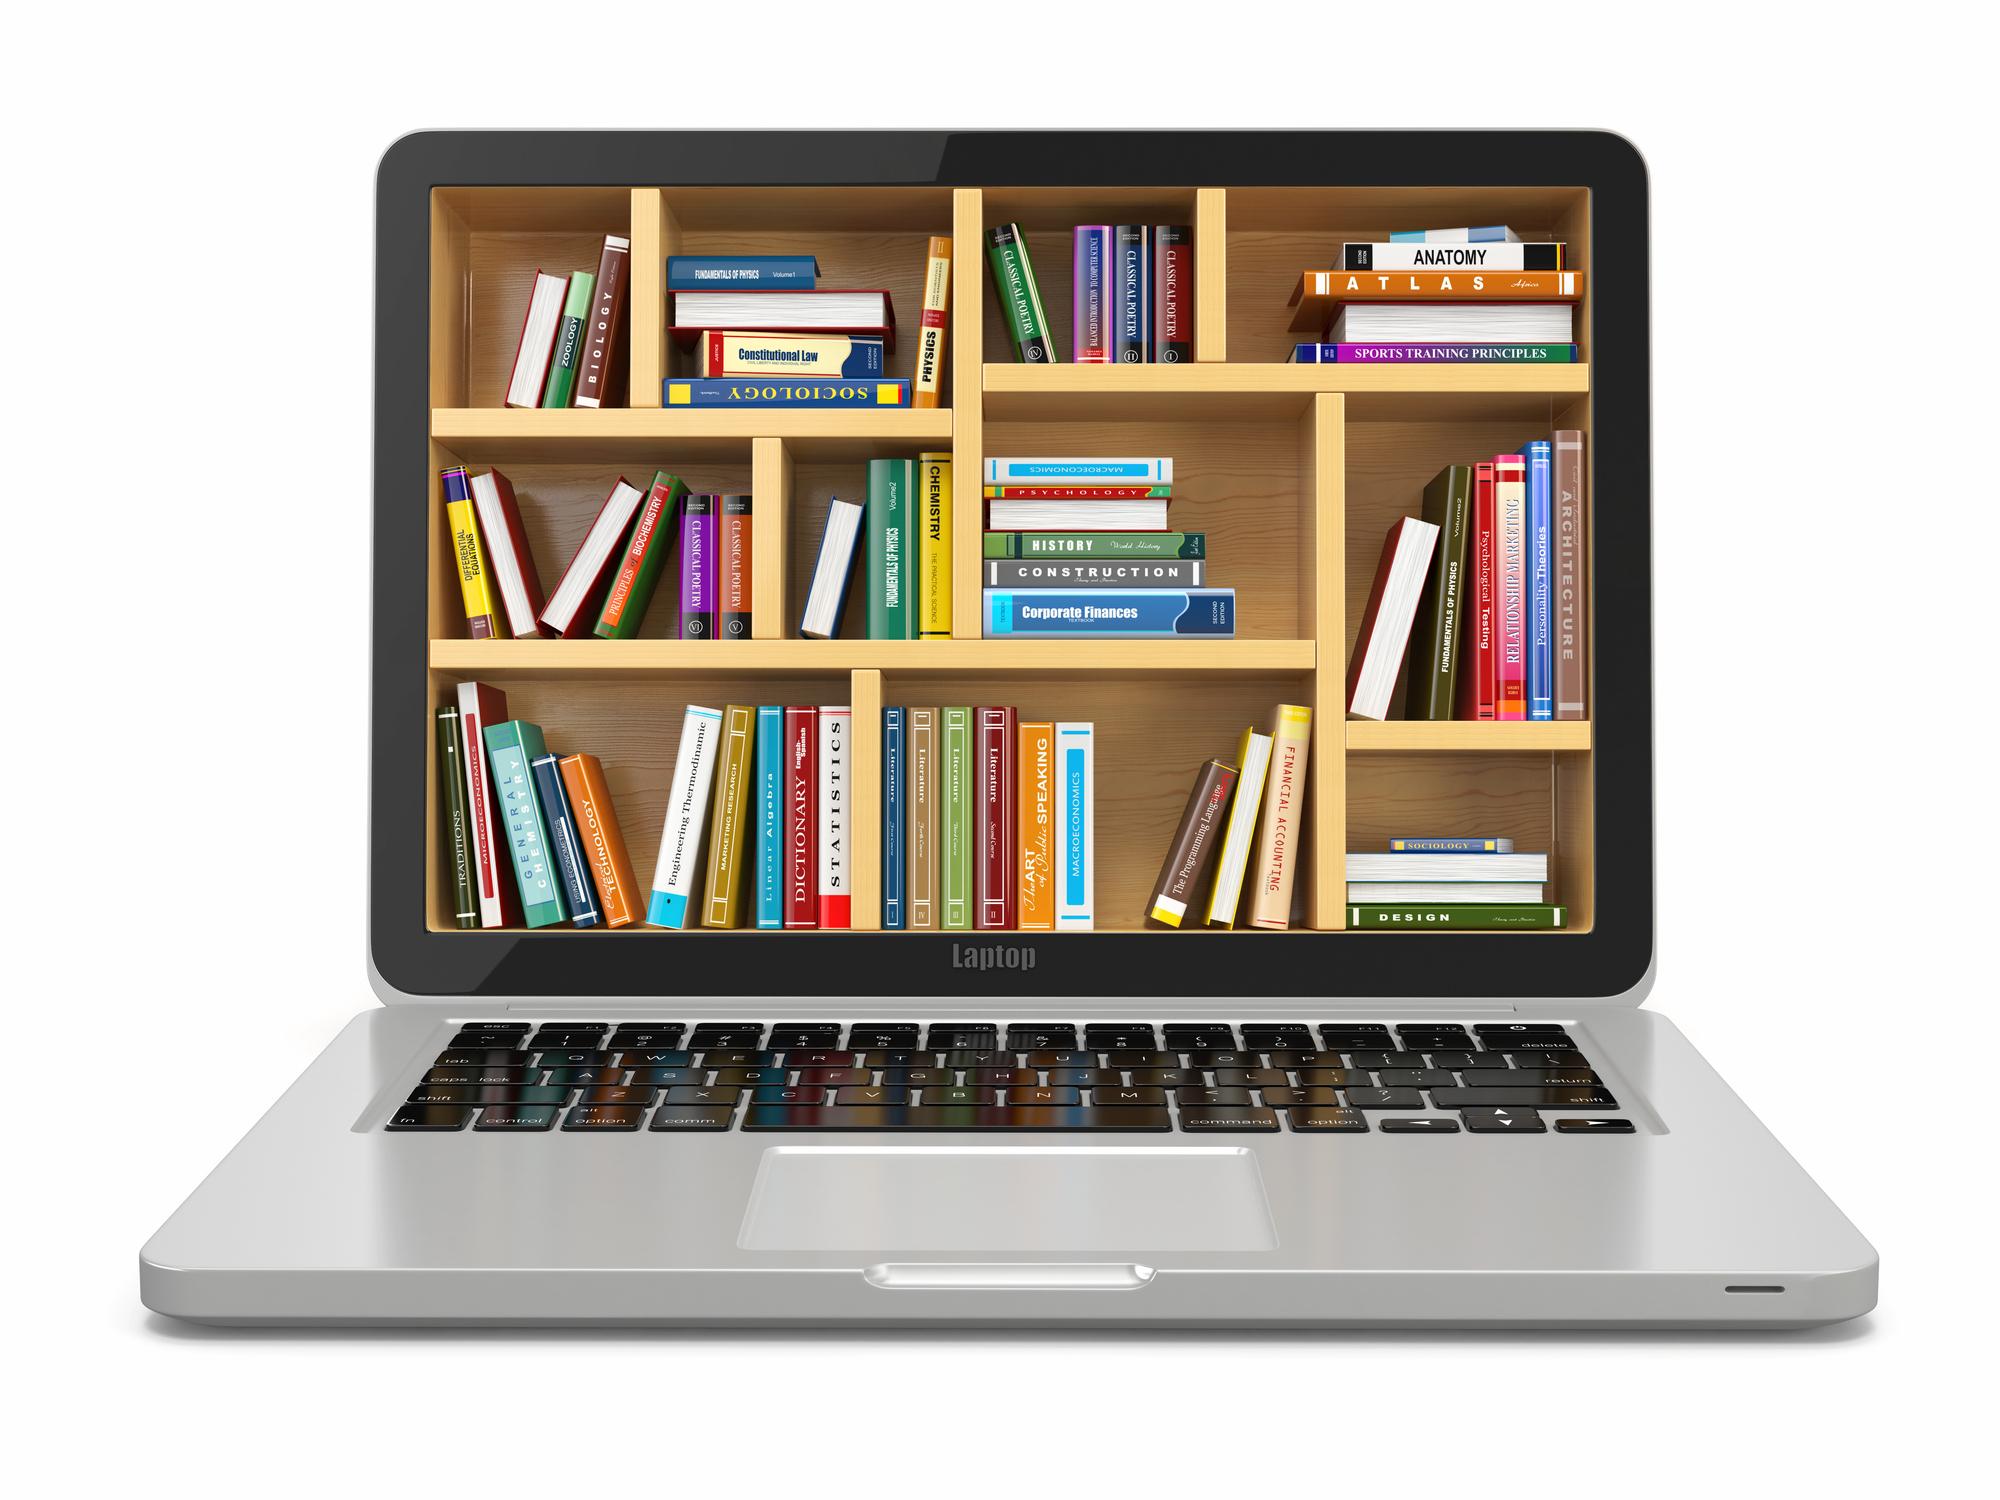 Webshops für elektronische Bücher